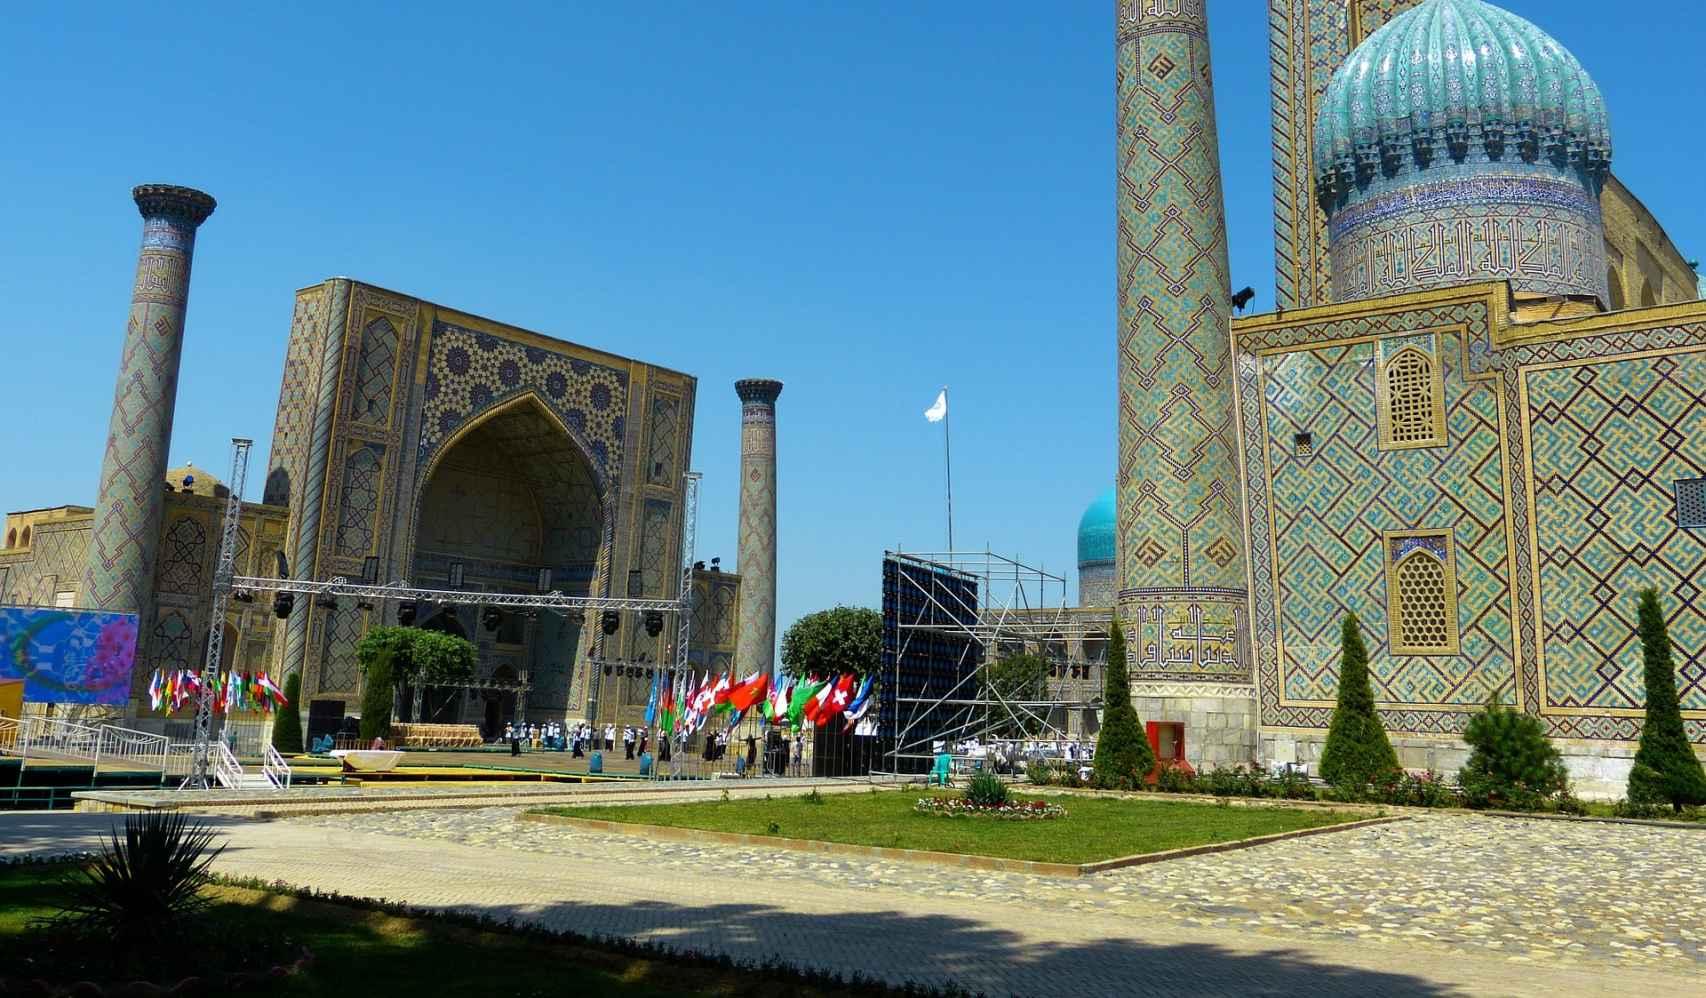 Una auténtica maravilla la Plaza de Registán en Samarcanda.